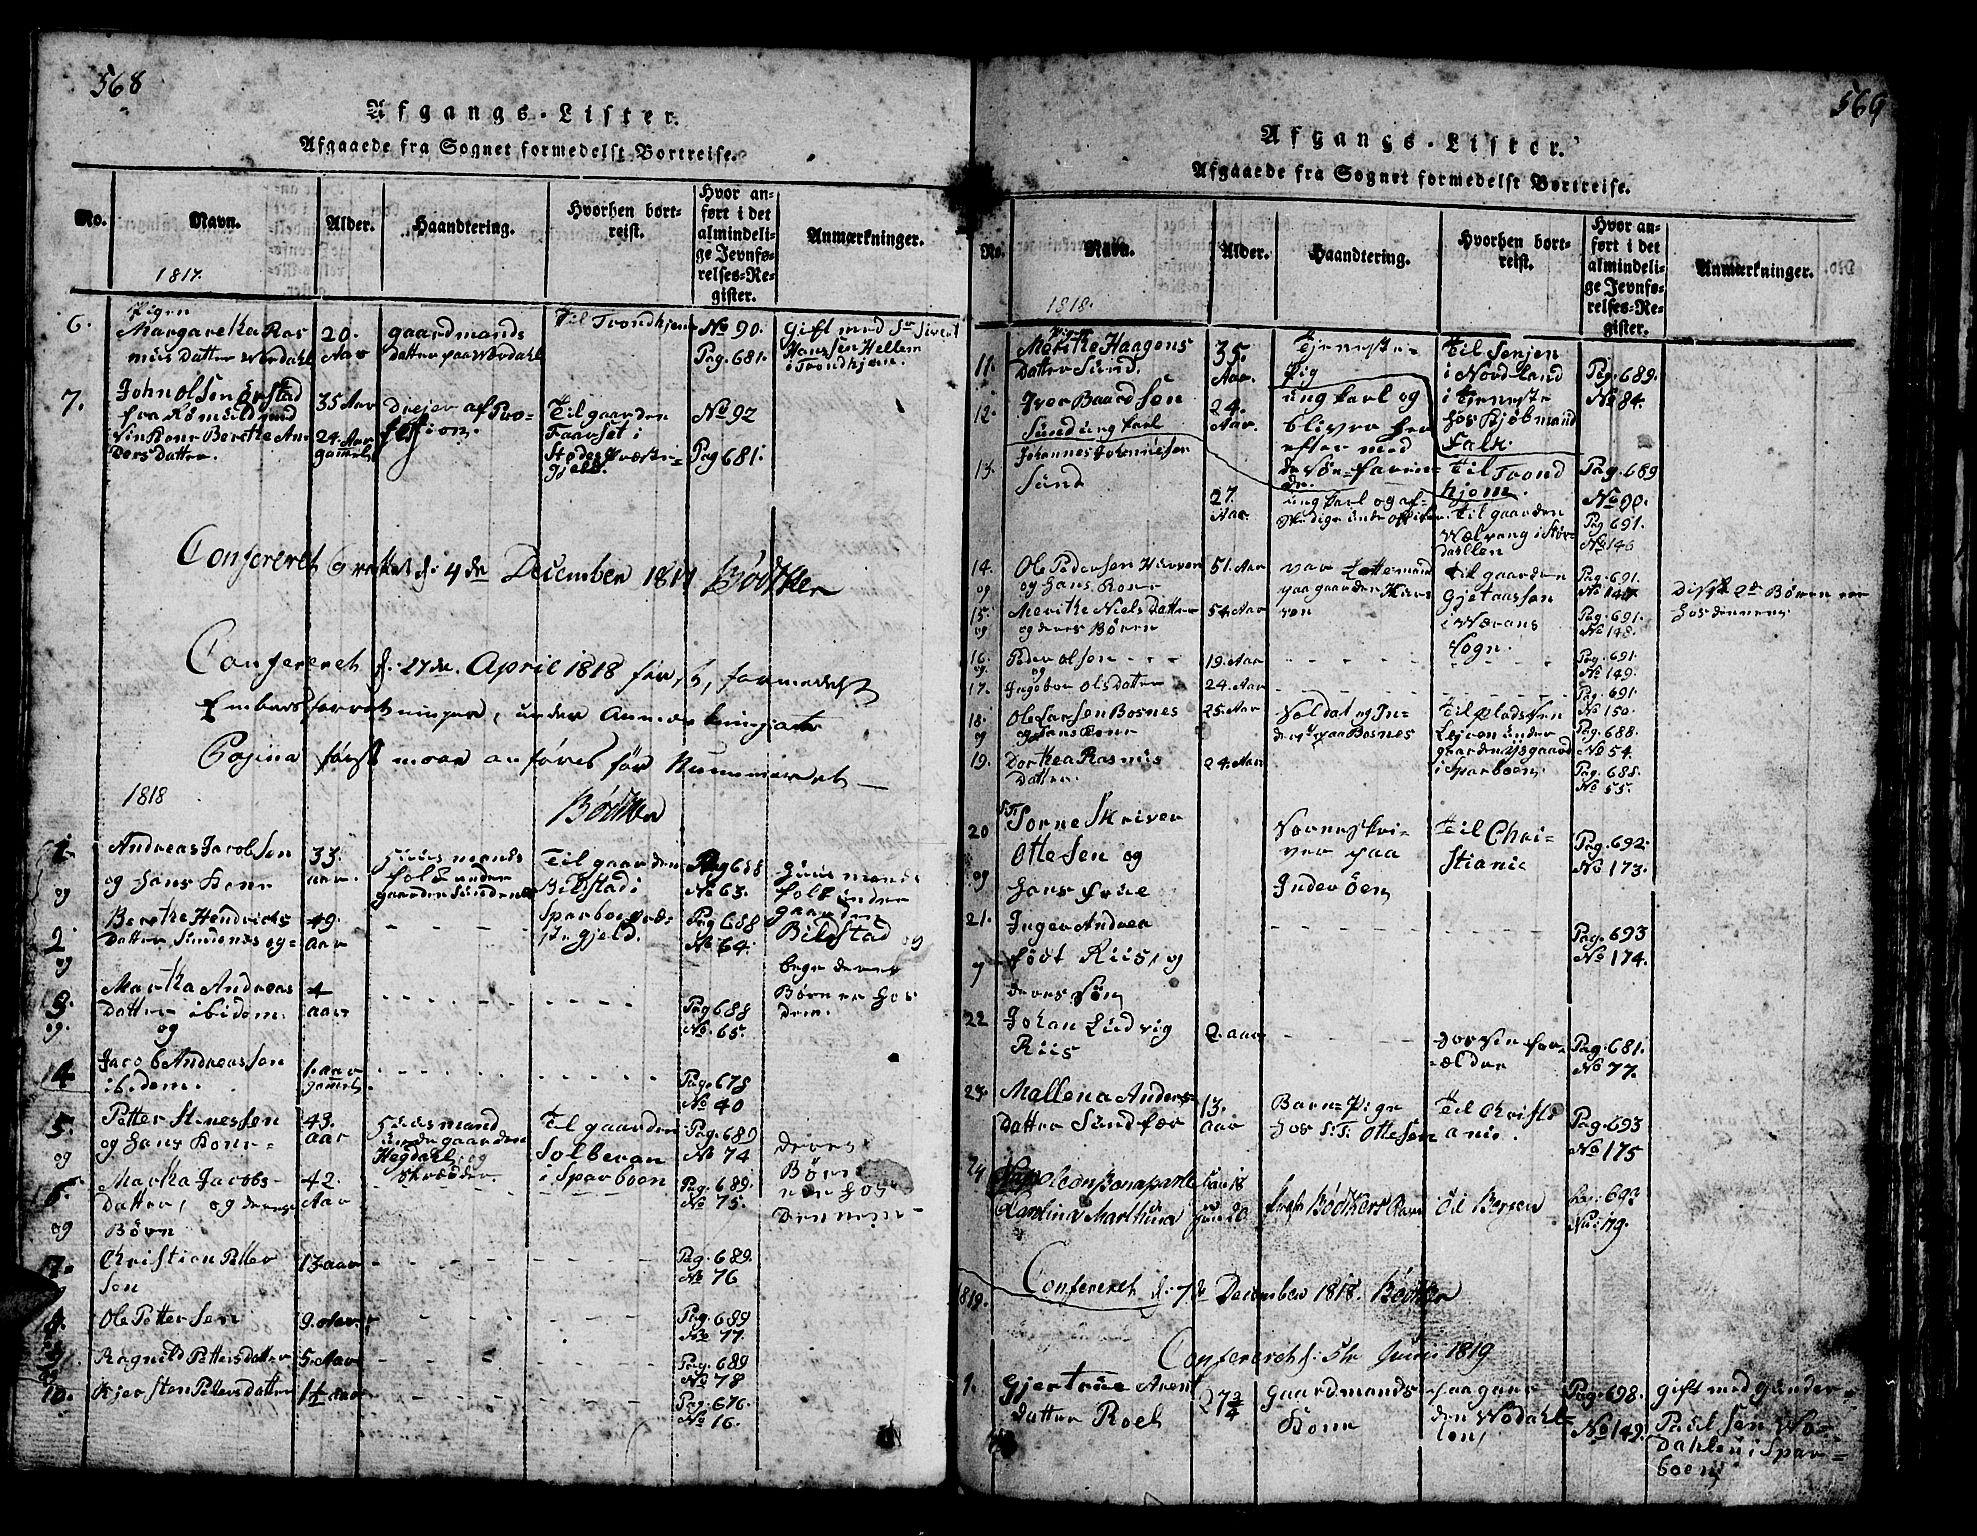 SAT, Ministerialprotokoller, klokkerbøker og fødselsregistre - Nord-Trøndelag, 730/L0298: Klokkerbok nr. 730C01, 1816-1849, s. 568-569